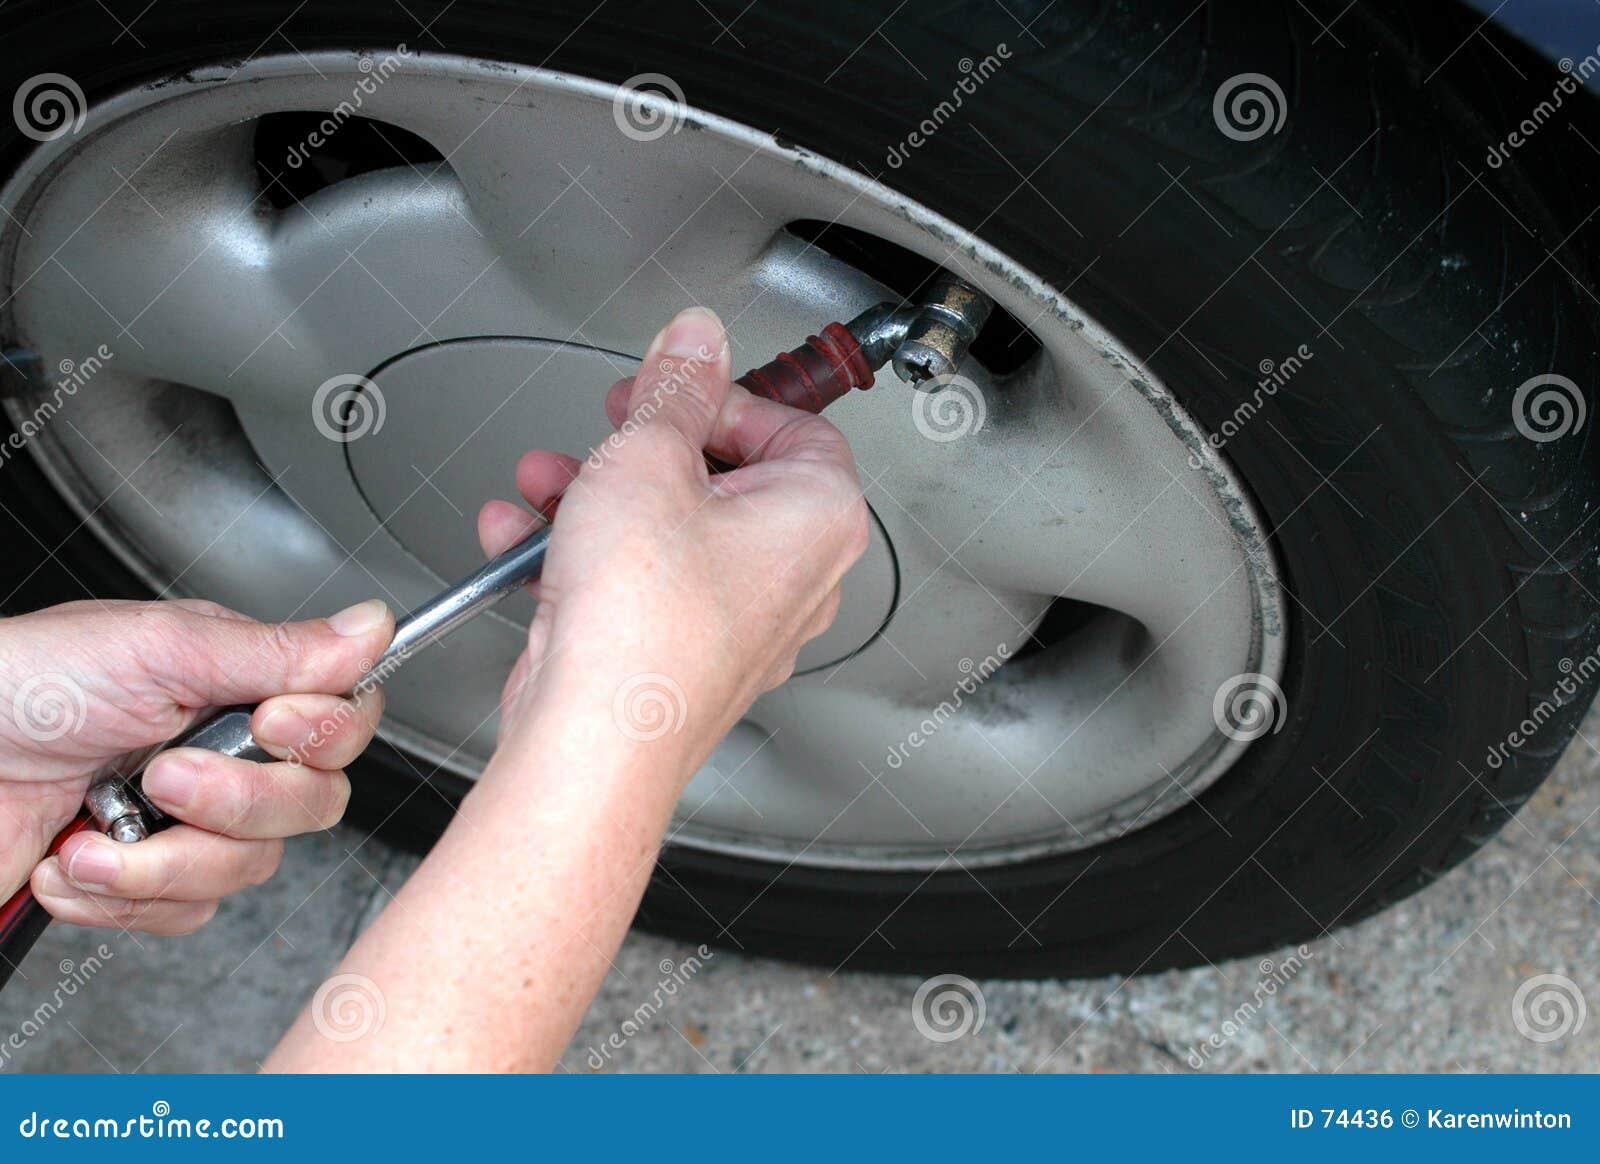 έλεγχος του ελαστικού αυτοκινήτου πίεσης